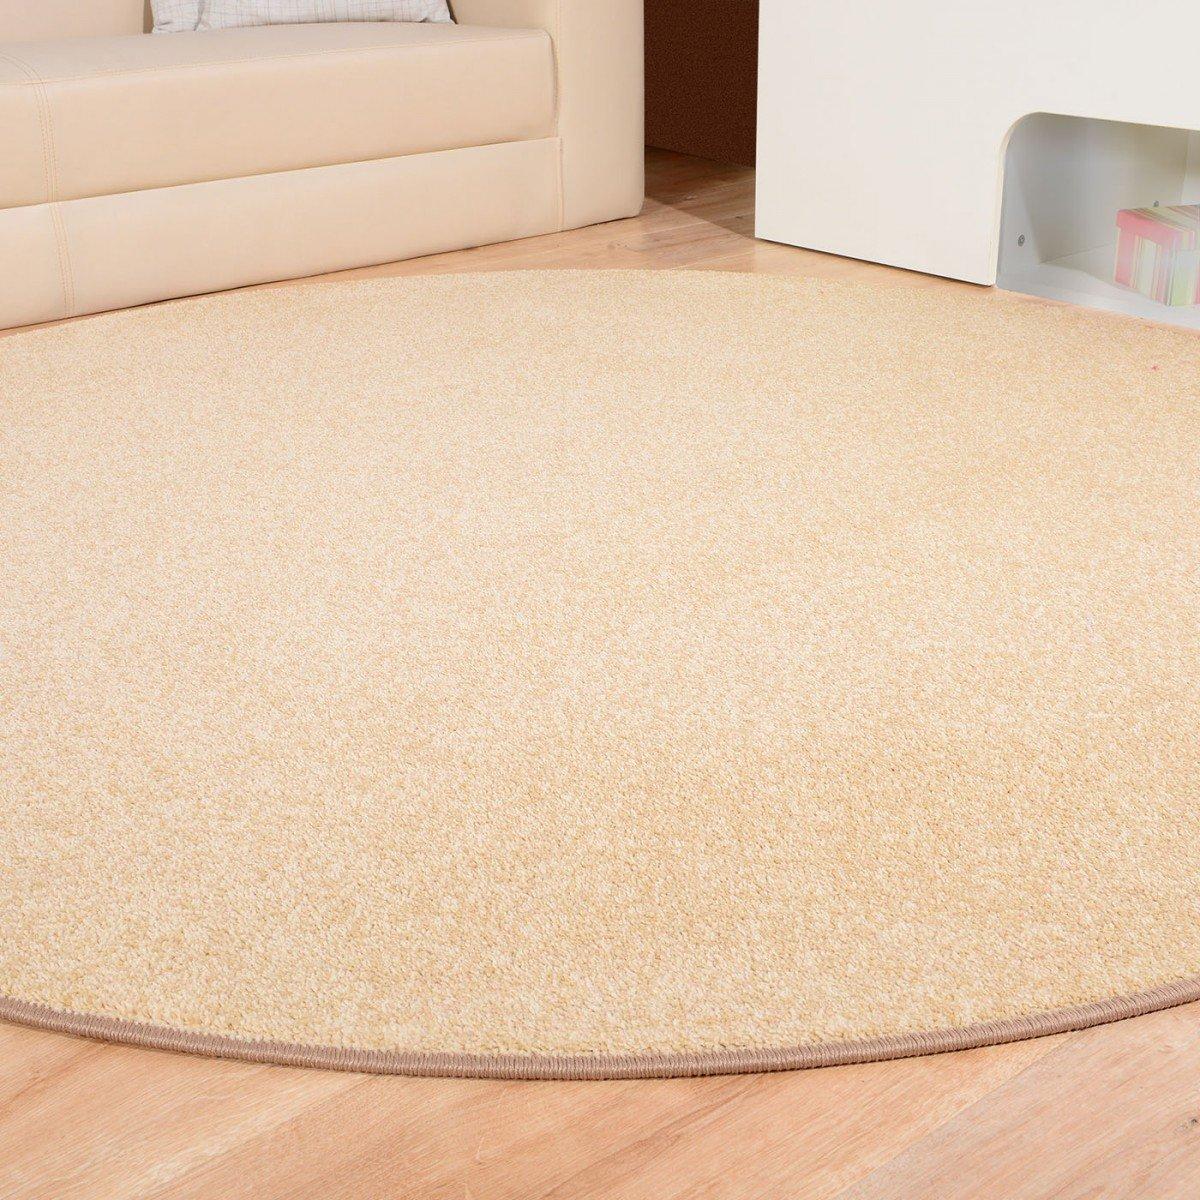 Havatex Teppich Kräusel Velour Burbon rund - 16 16 16 moderne sowie klassische Farben   schadstoffgeprüft pflegeleicht & robust   ideal für Wohnzimmer, Farbe Rot, Größe 180 cm rund B00FQ10F4E Teppiche 9292cd